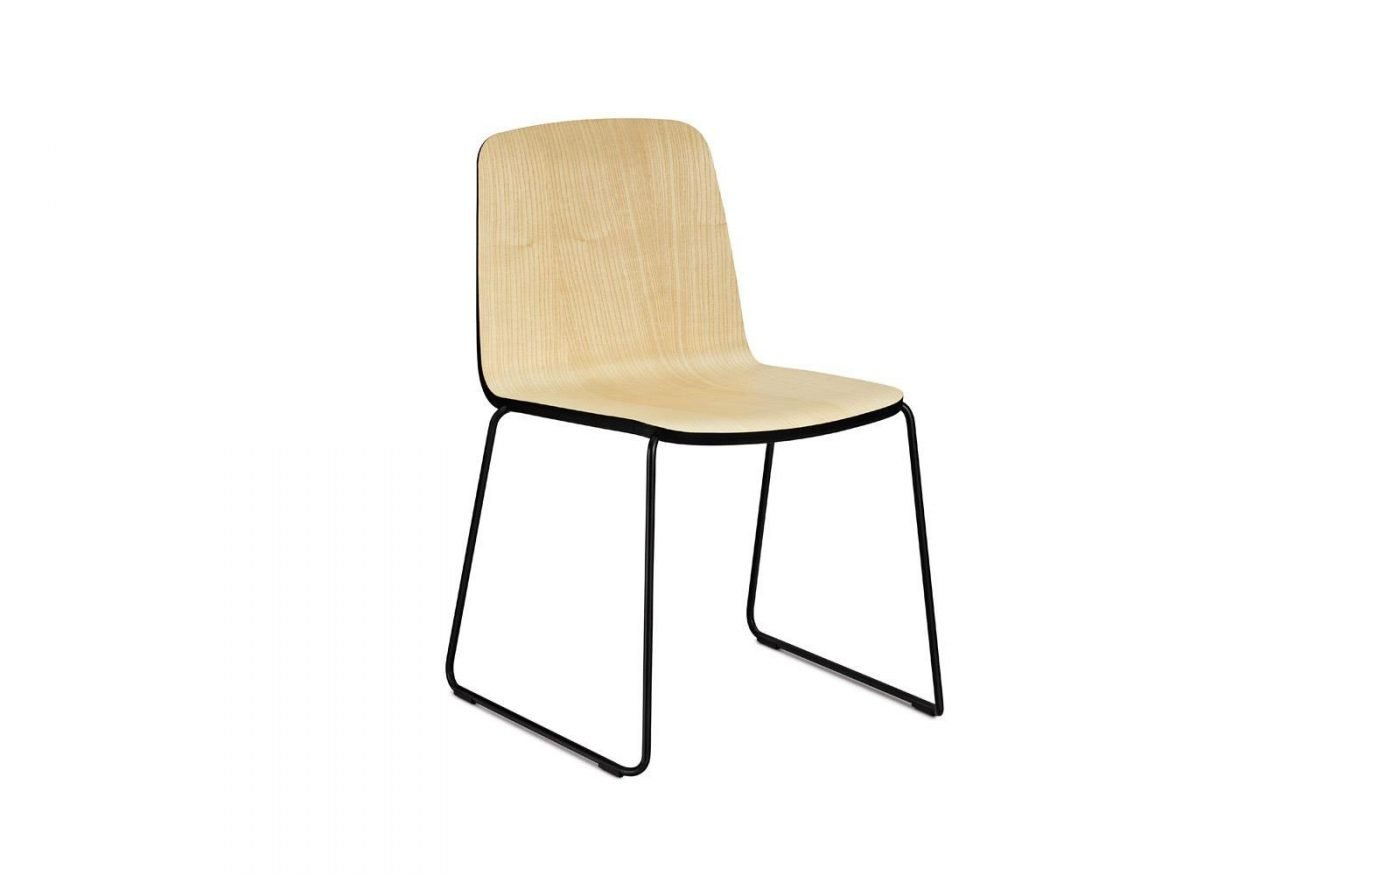 Just chair oak chrome normann copenhagen ash chair